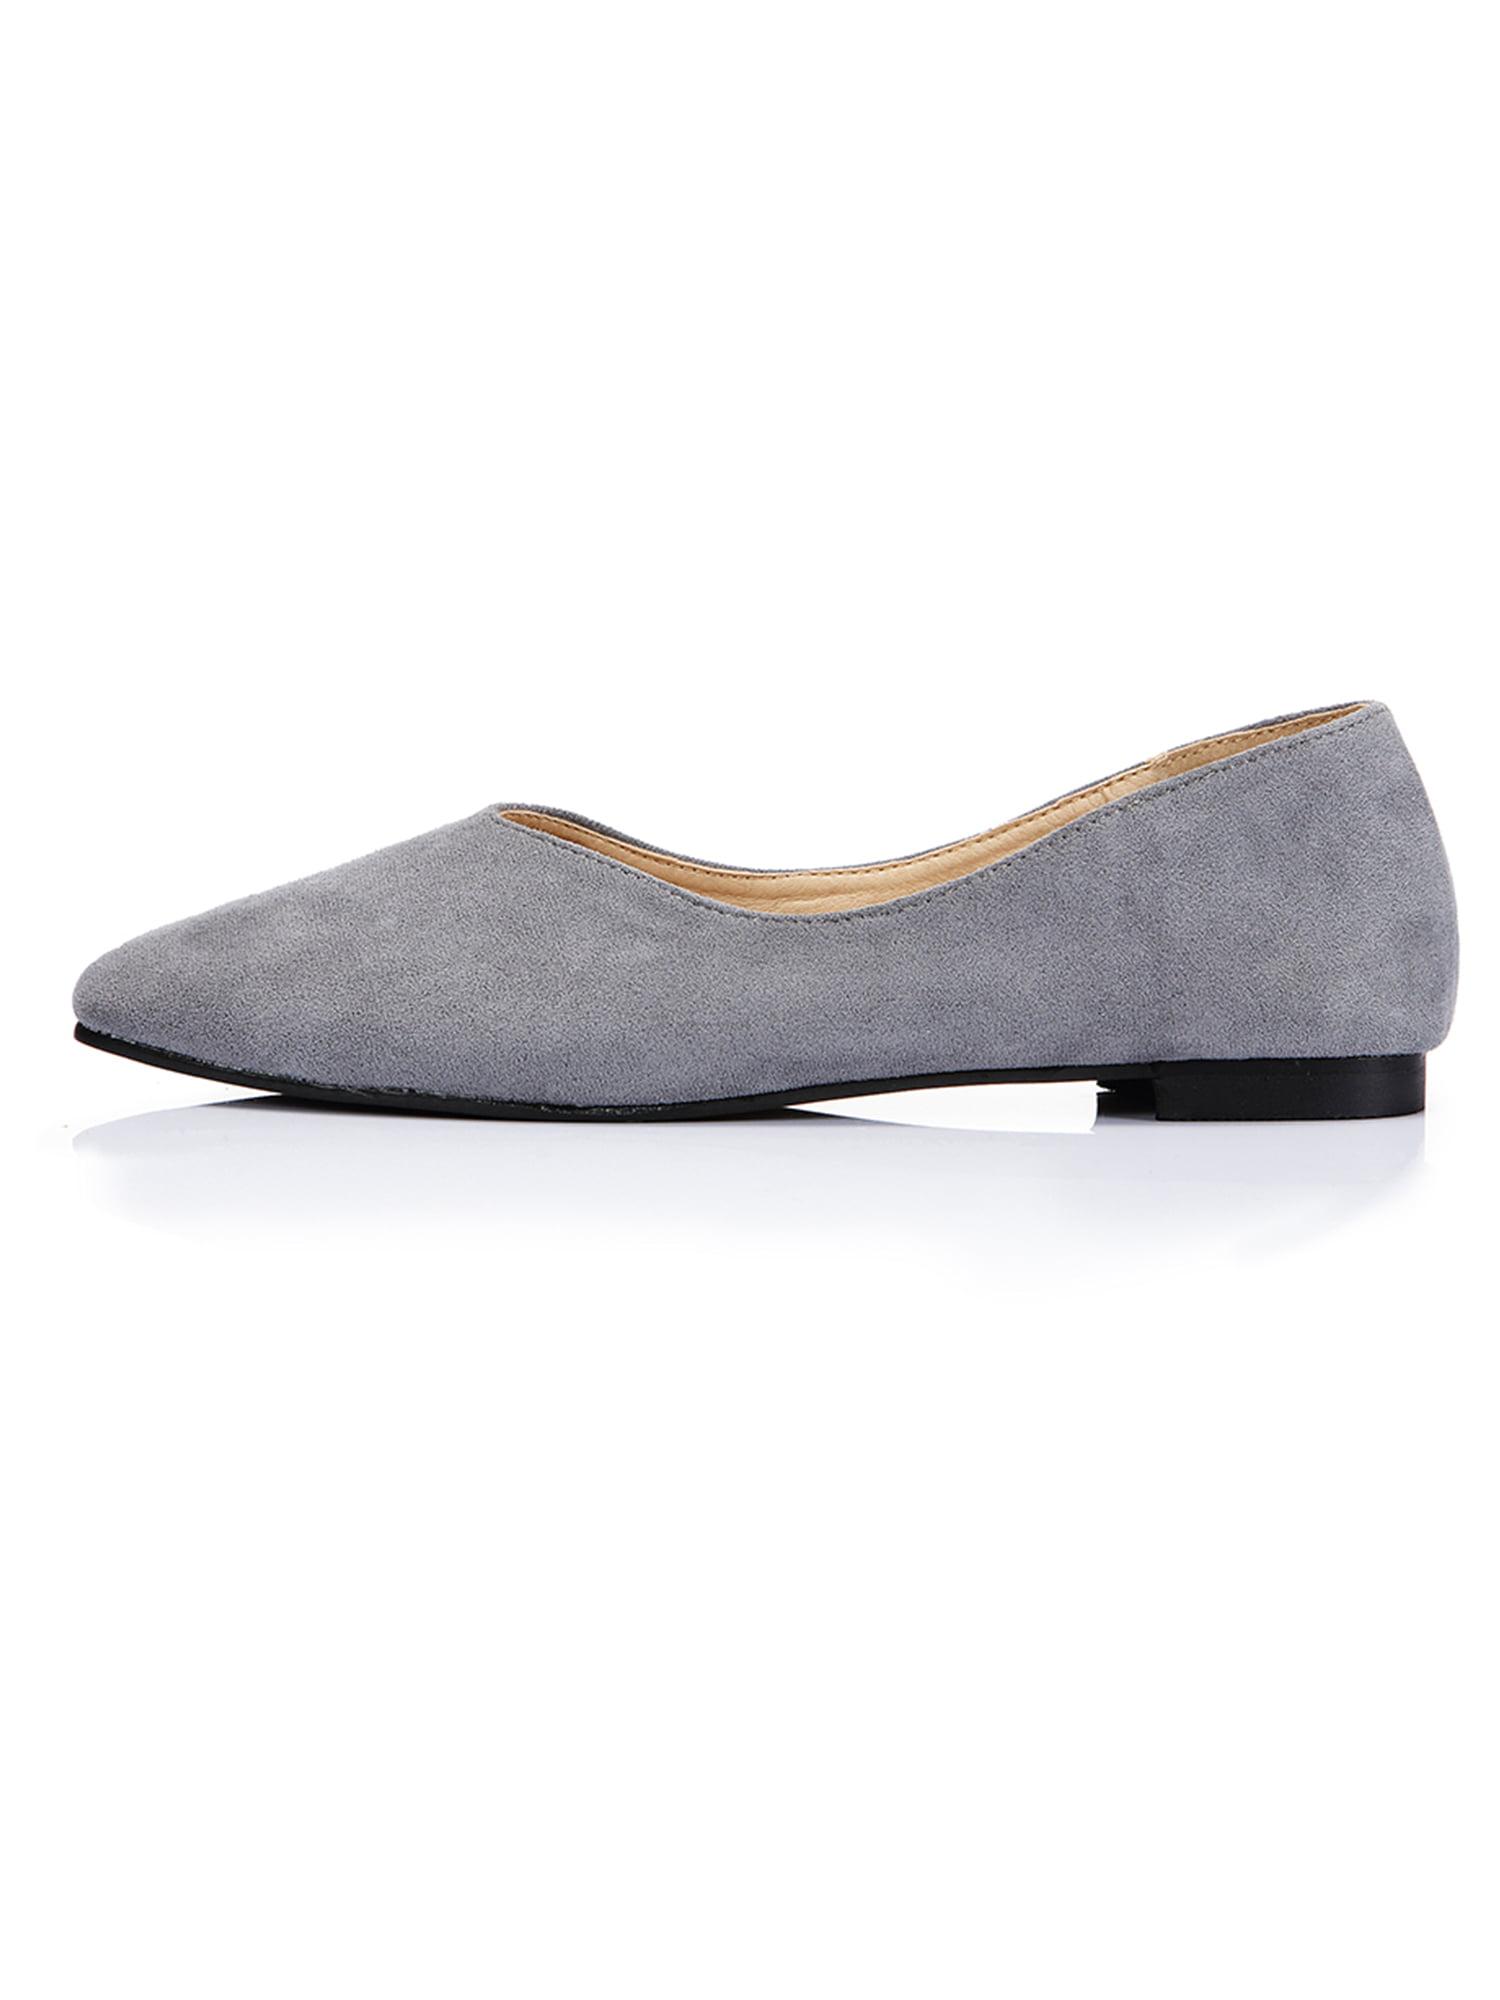 Women's Wide Width Flat Shoes Suede